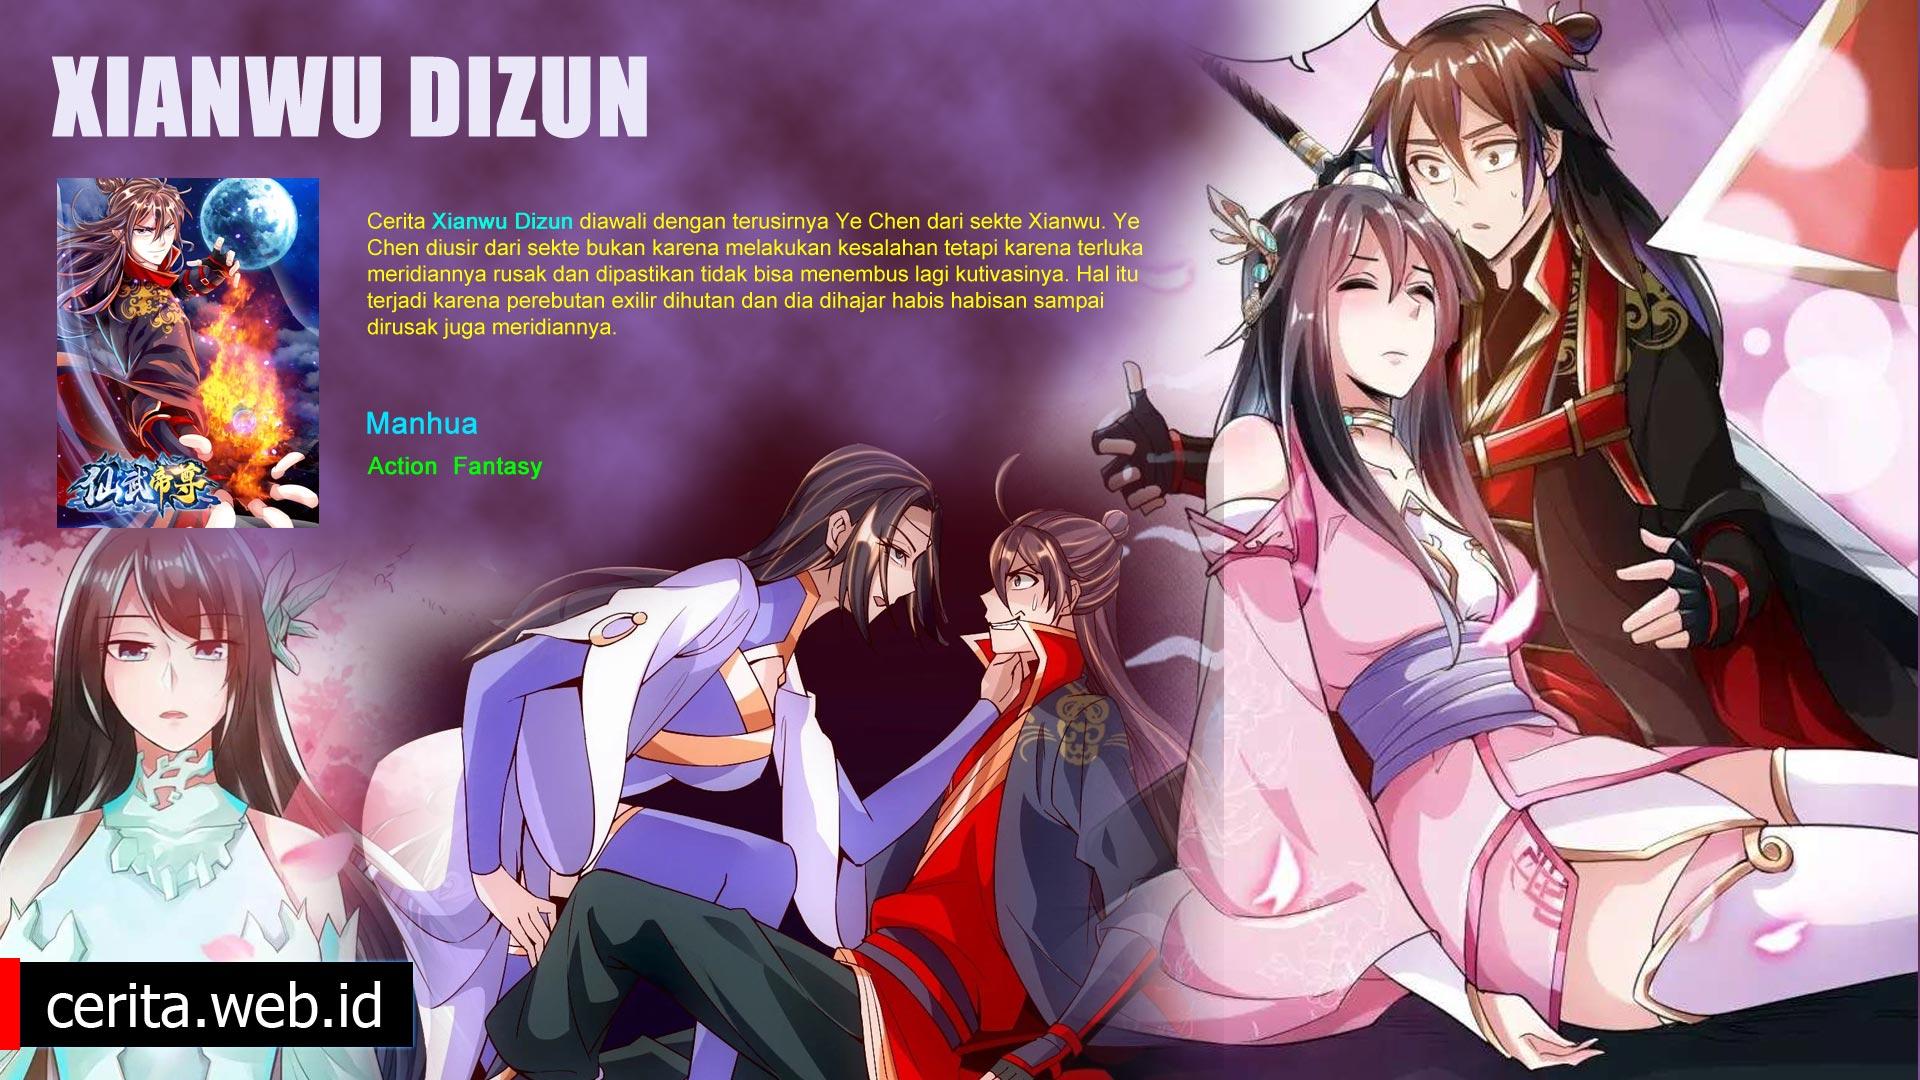 Sinopsis Xianwu Dizun Anime Tokoh Utama Diremehkan Padahal Kuat